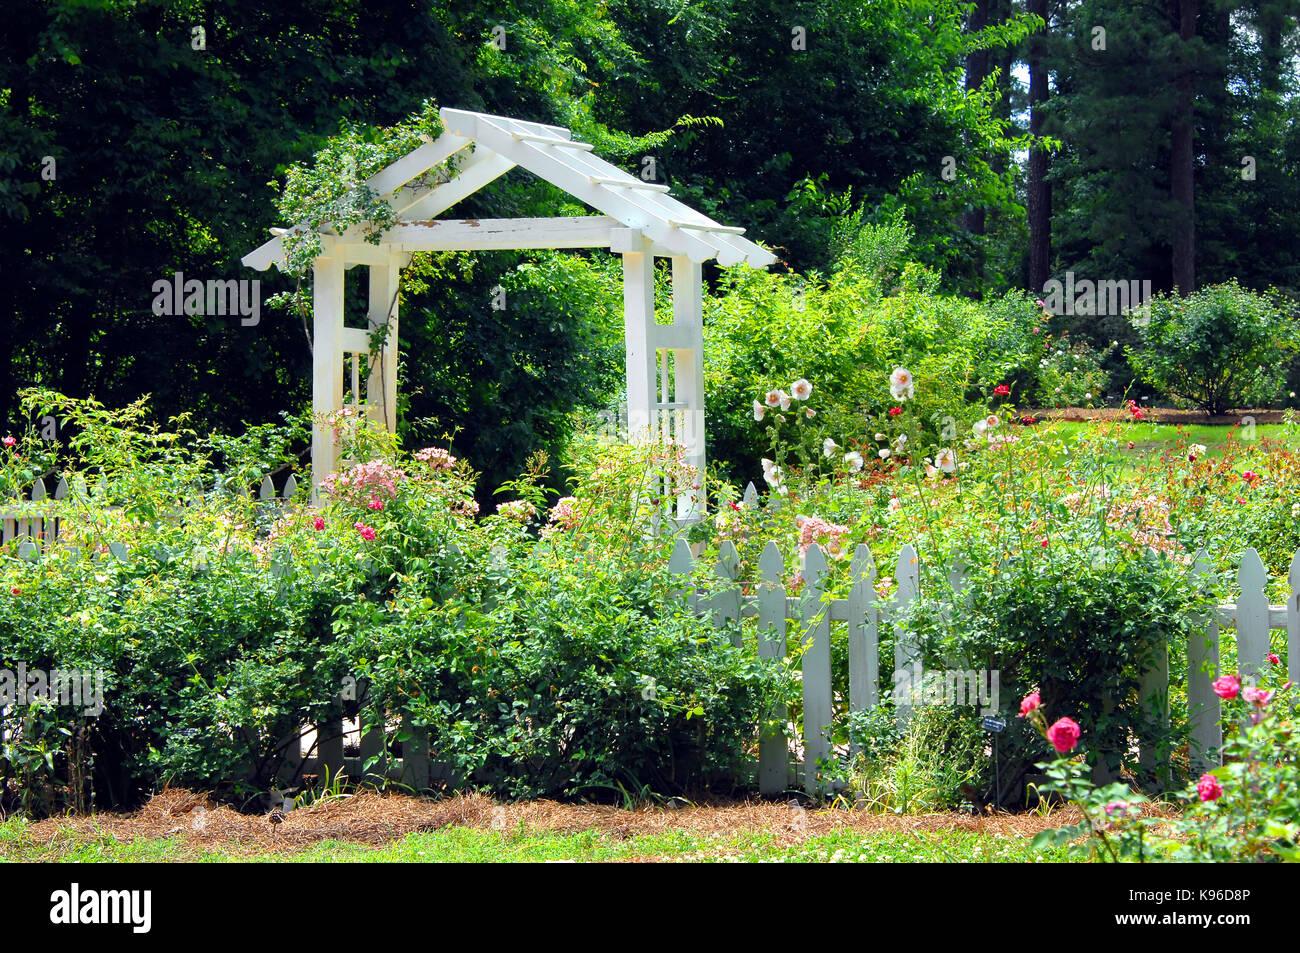 Shreveport stock photos shreveport stock images alamy for The gardens of the american rose center